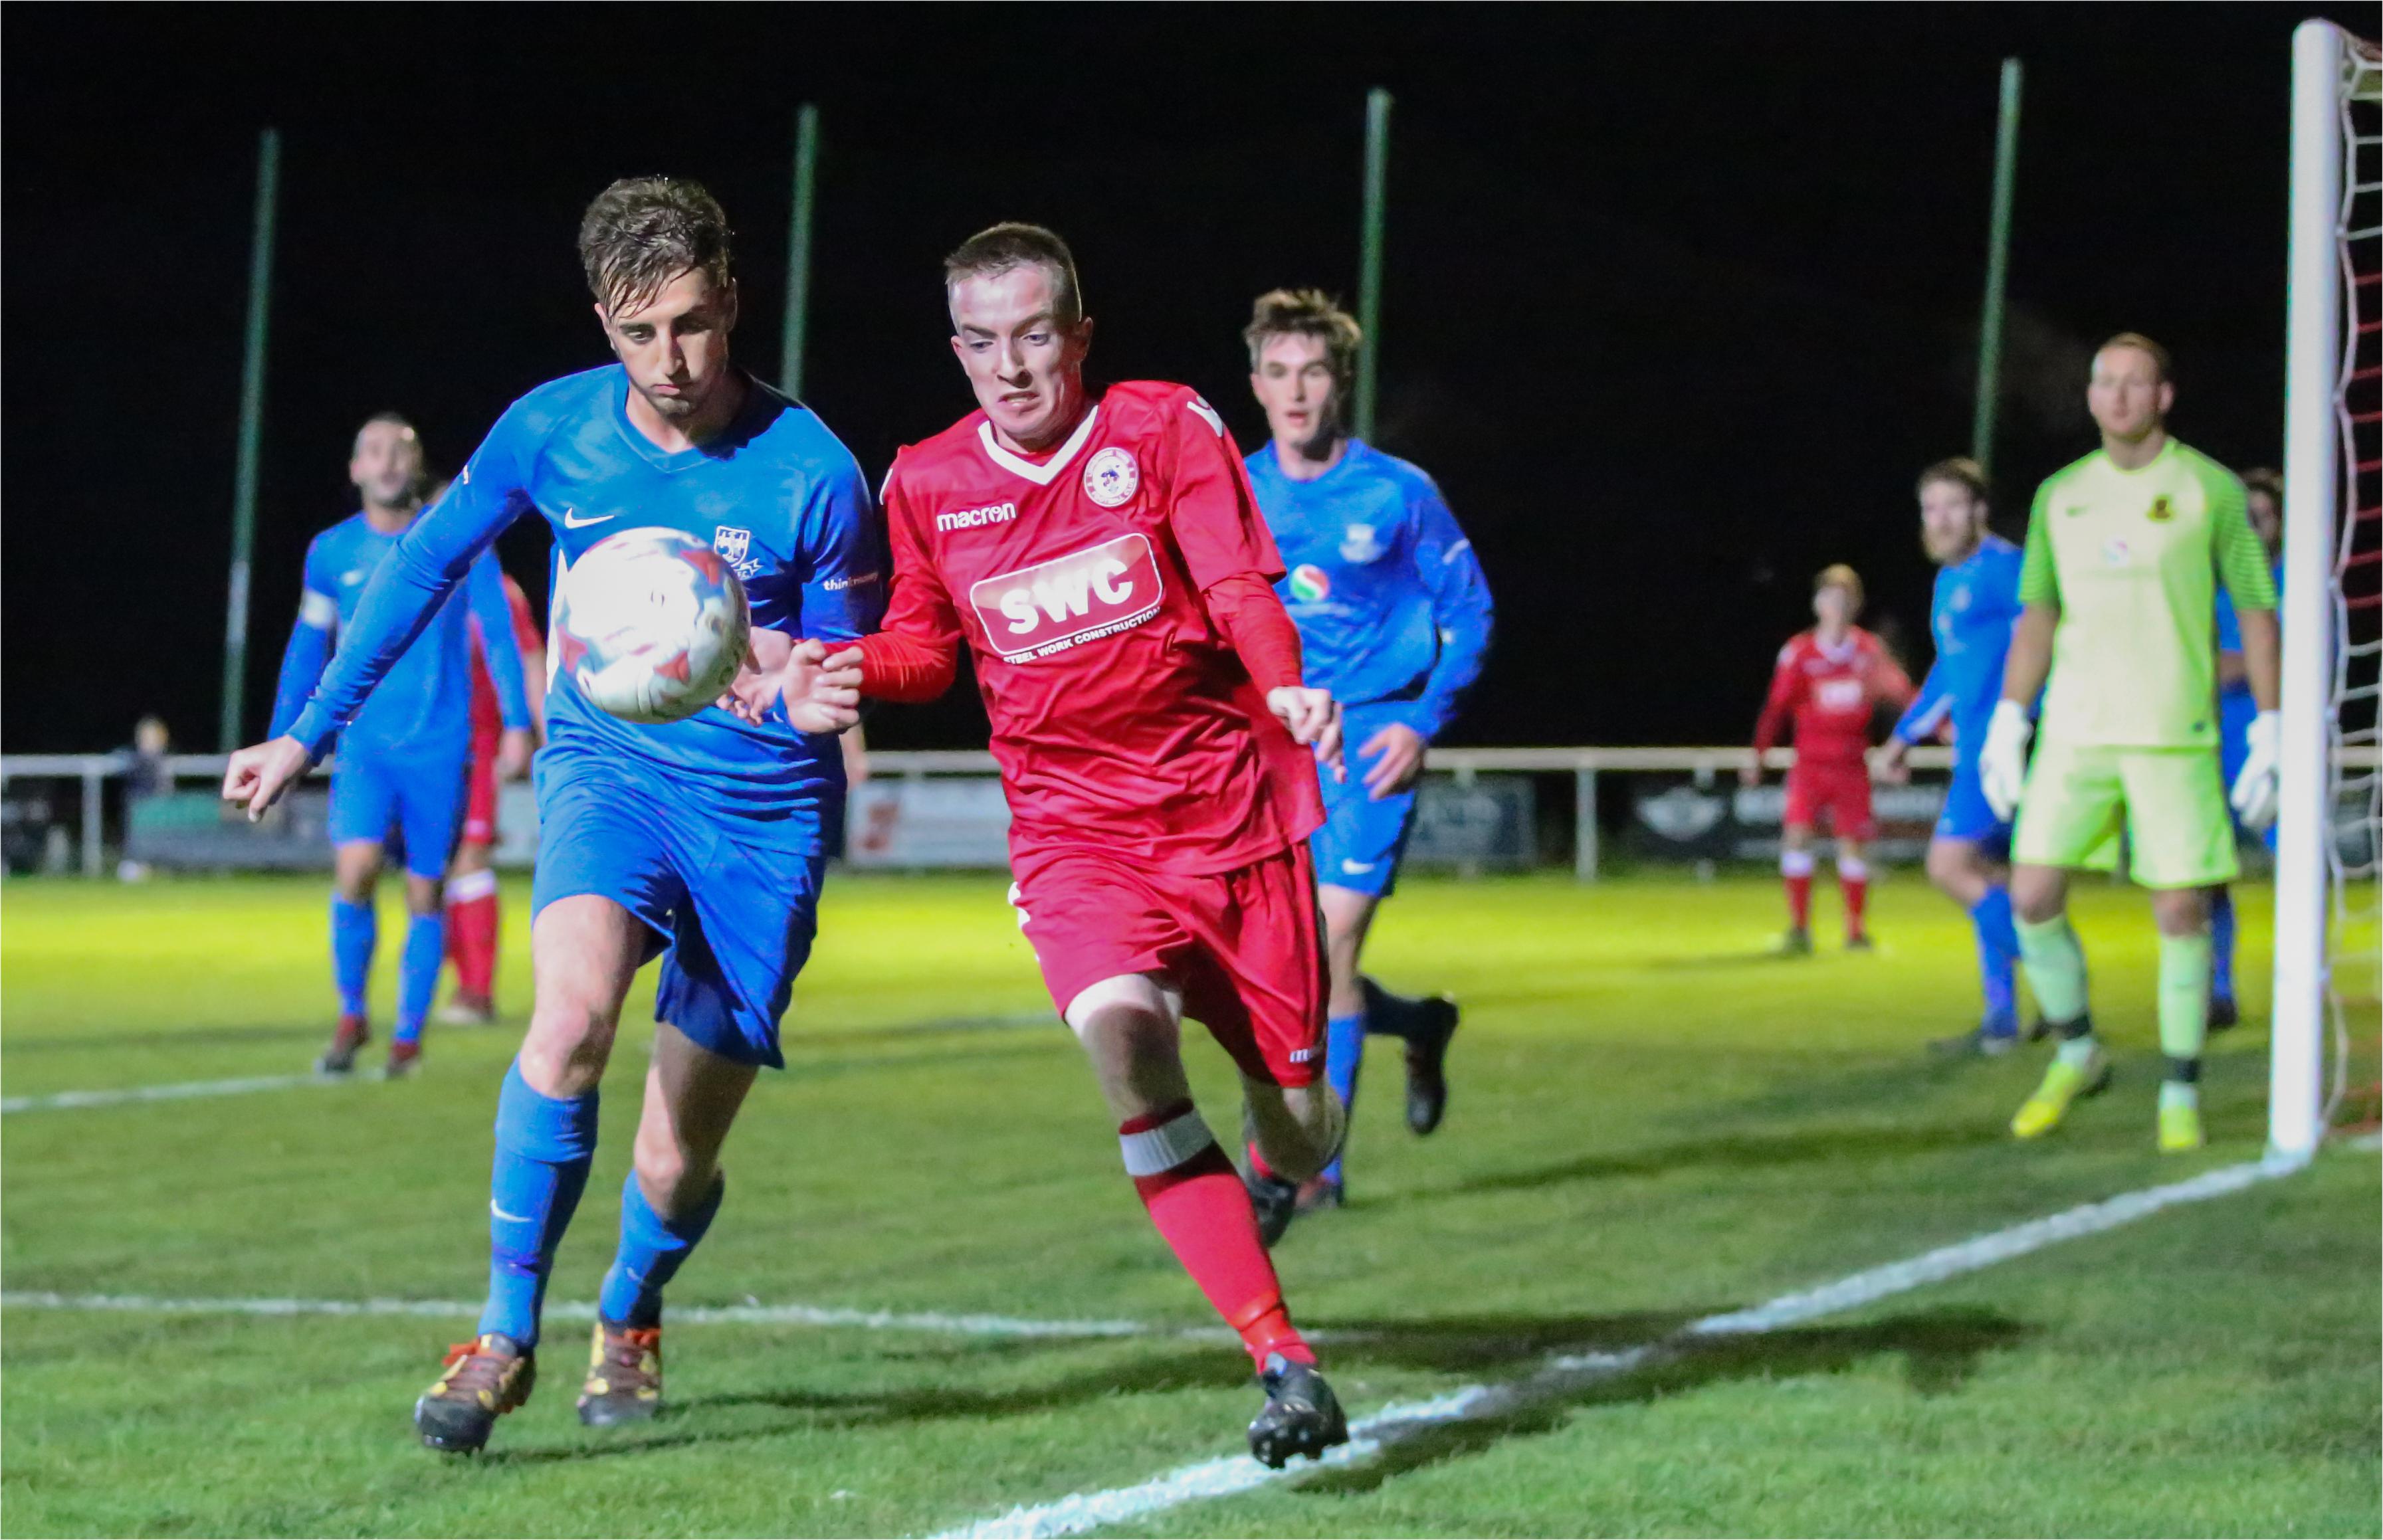 League Photos - The Hallmark Security Cheshire Football League